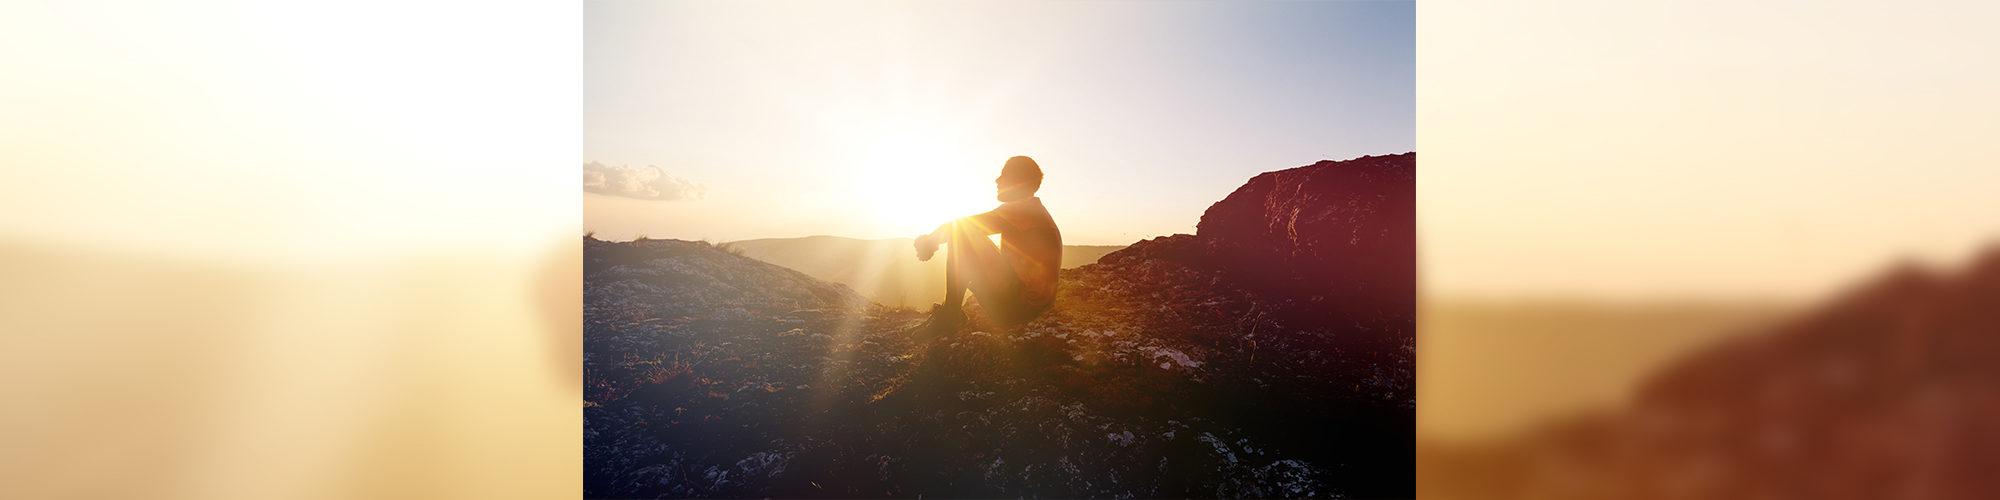 """Une pause méditation : """"Se poser en soi et avancer"""" - en ligne avec Stéphane Offort"""